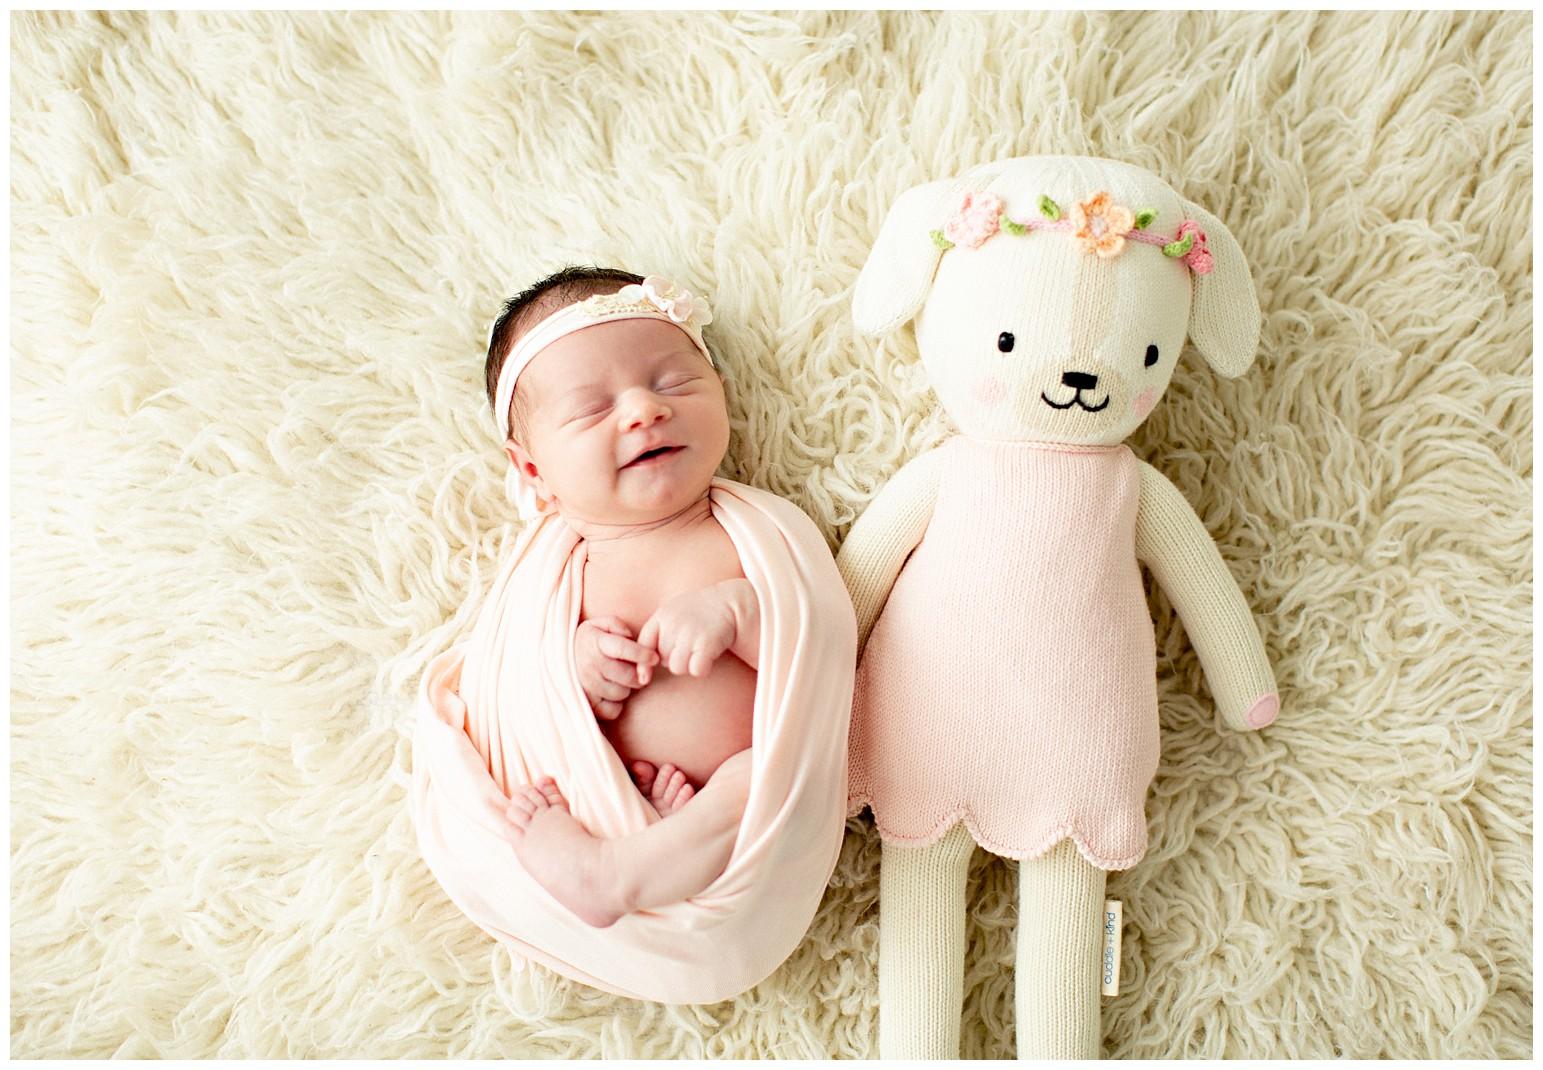 st louis photography_maternity_lauren muckler photography_film_st louis film photographer_0406.jpg